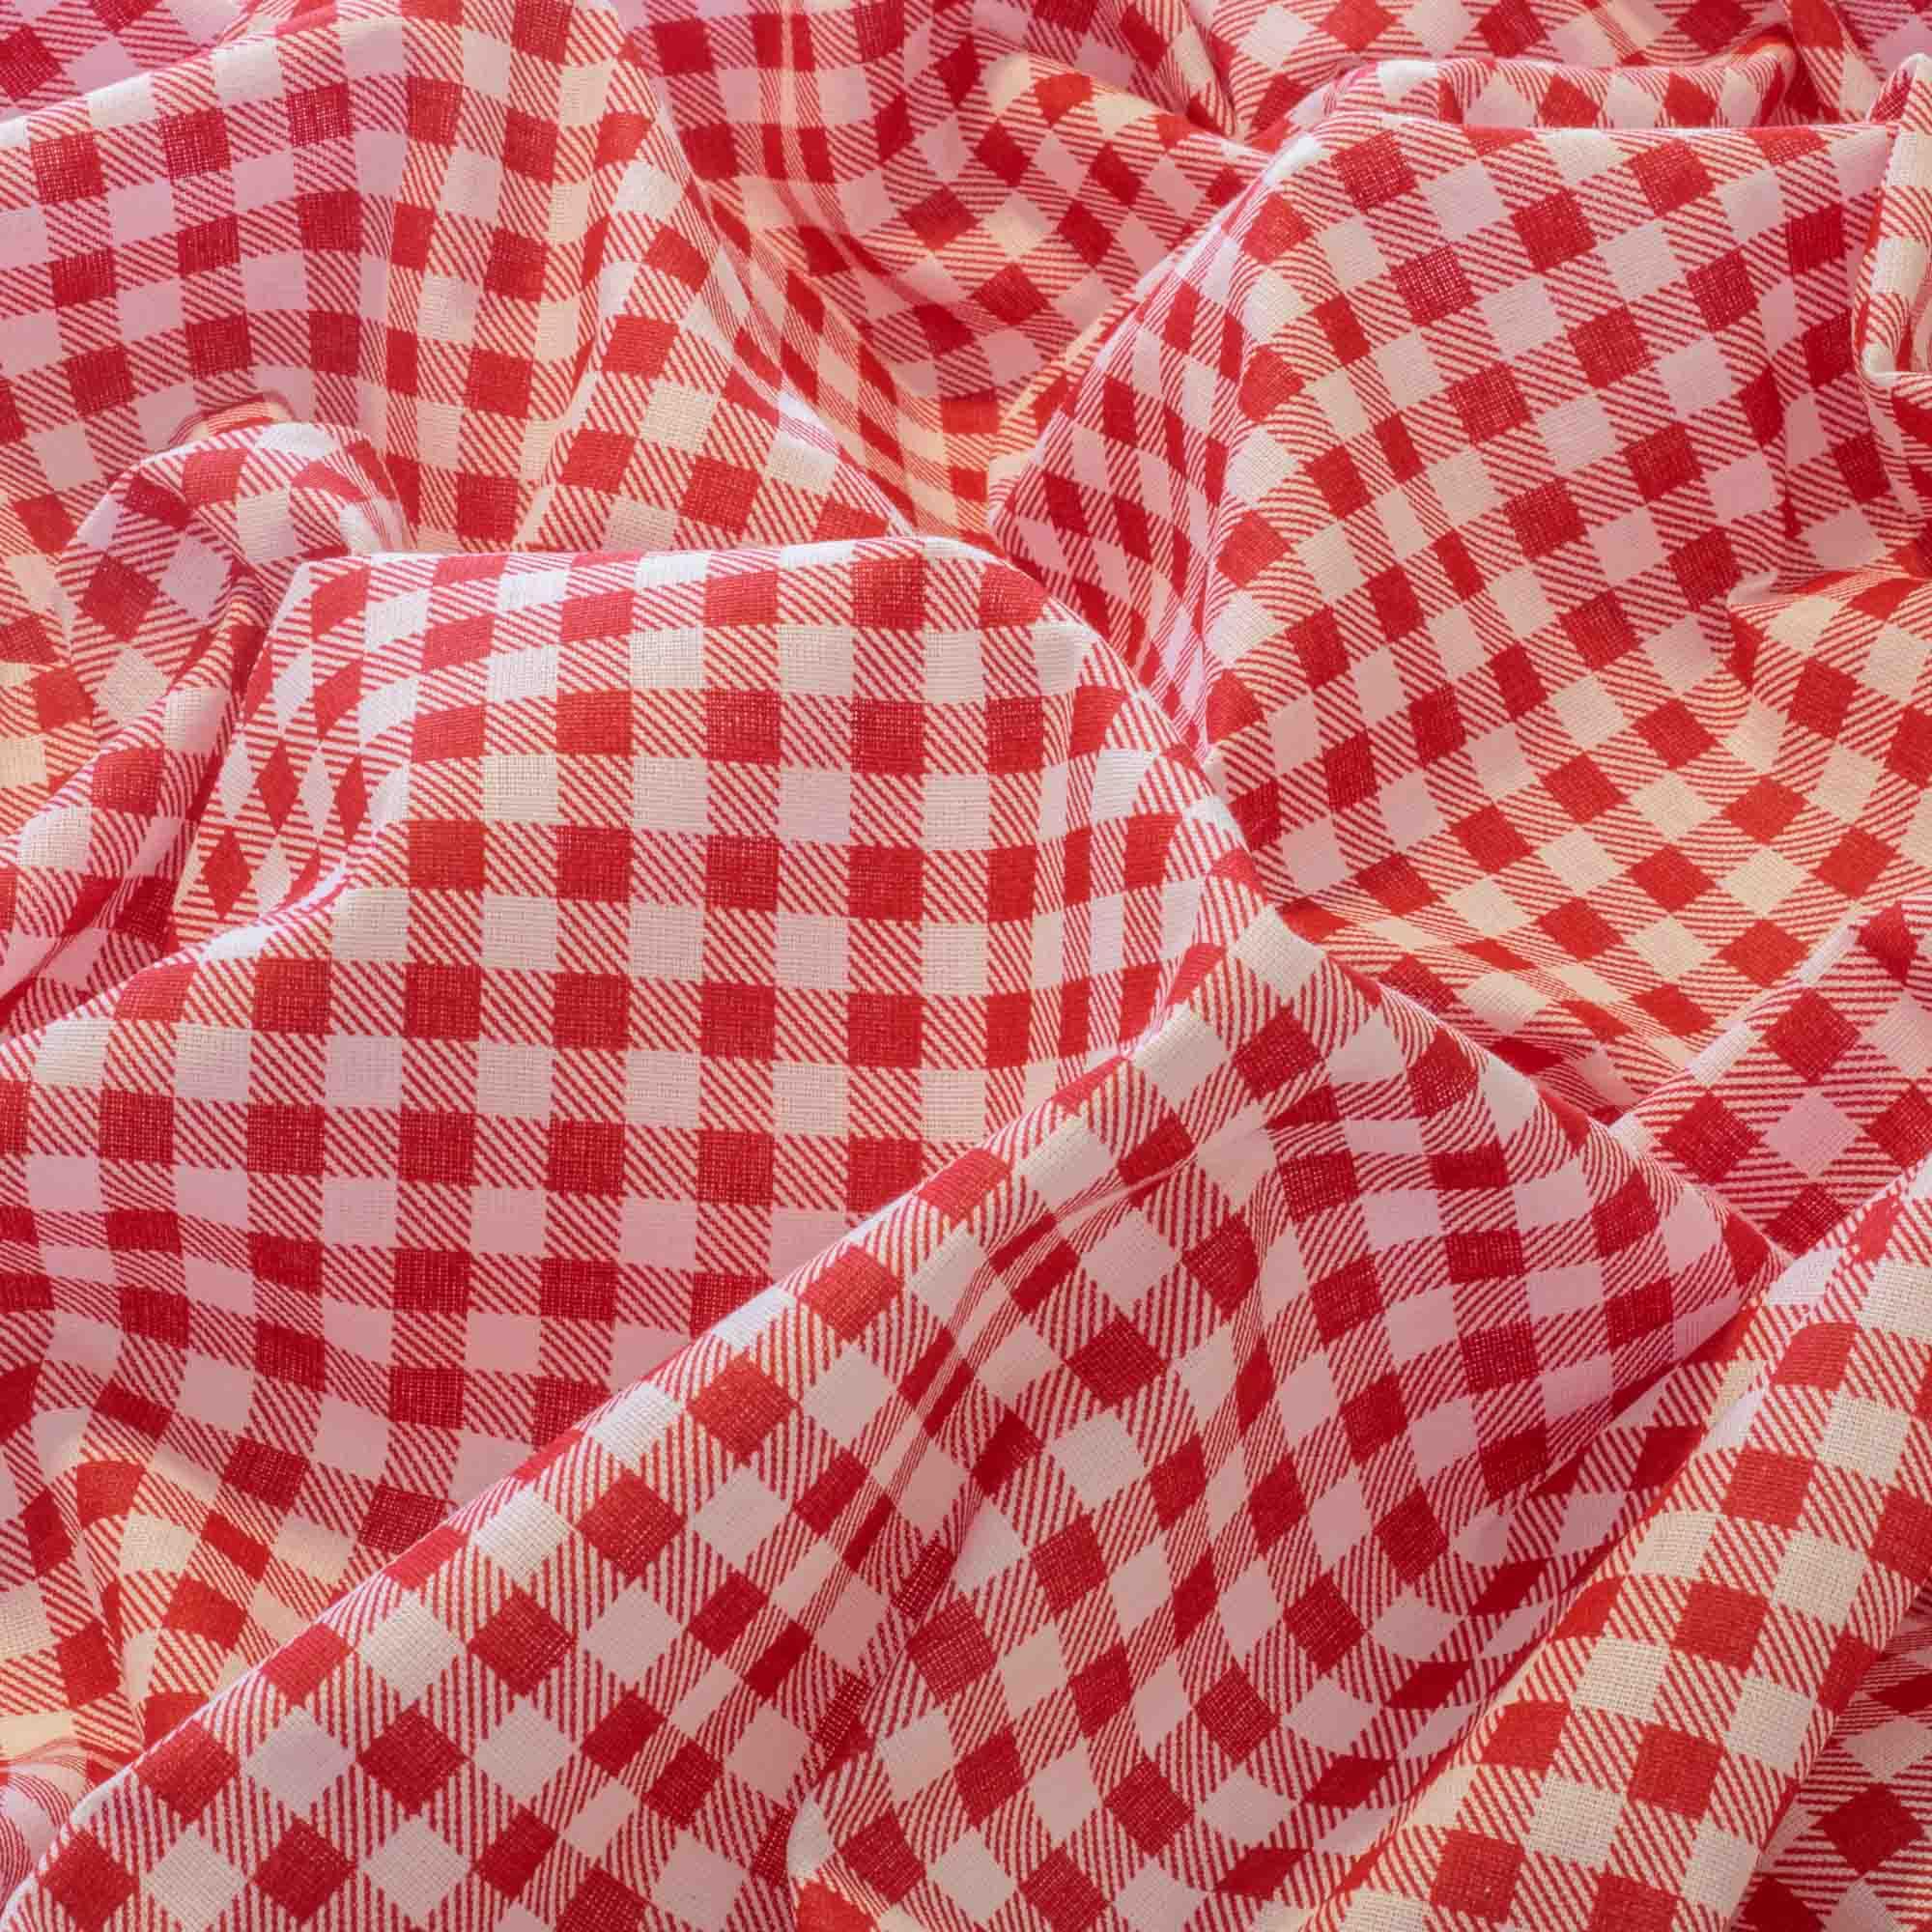 Tecido Tricoline Misto Estampado Xadrez Vermelho Quadrado de 1 cm x 1 cm 1,40 Mt Largura